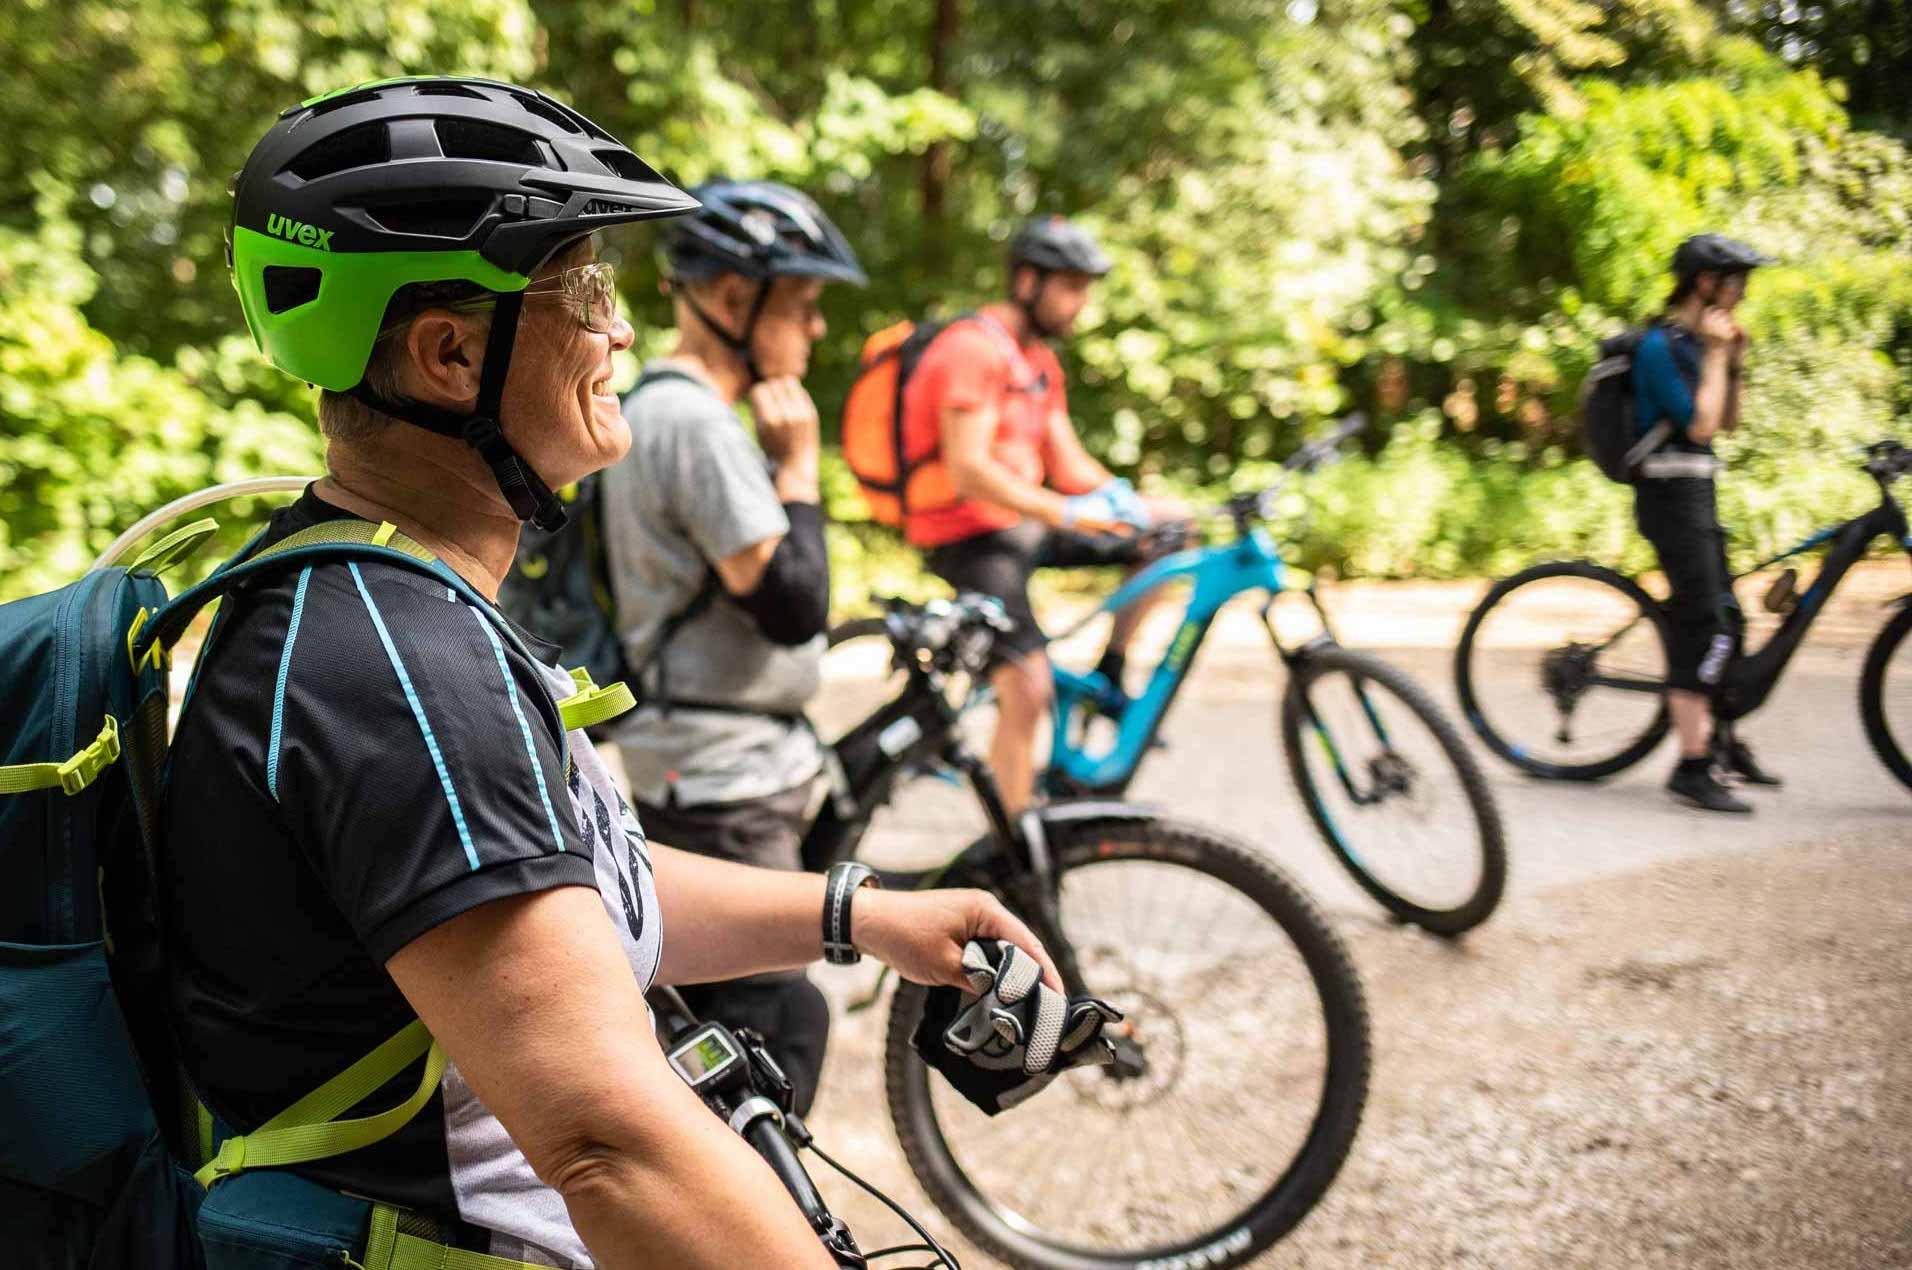 MTB Fahrtechnik Kurs für Einsteiger in Siegburg   Bonn - Mountainbike Basic - Rock my Trail Bikeschule - 22